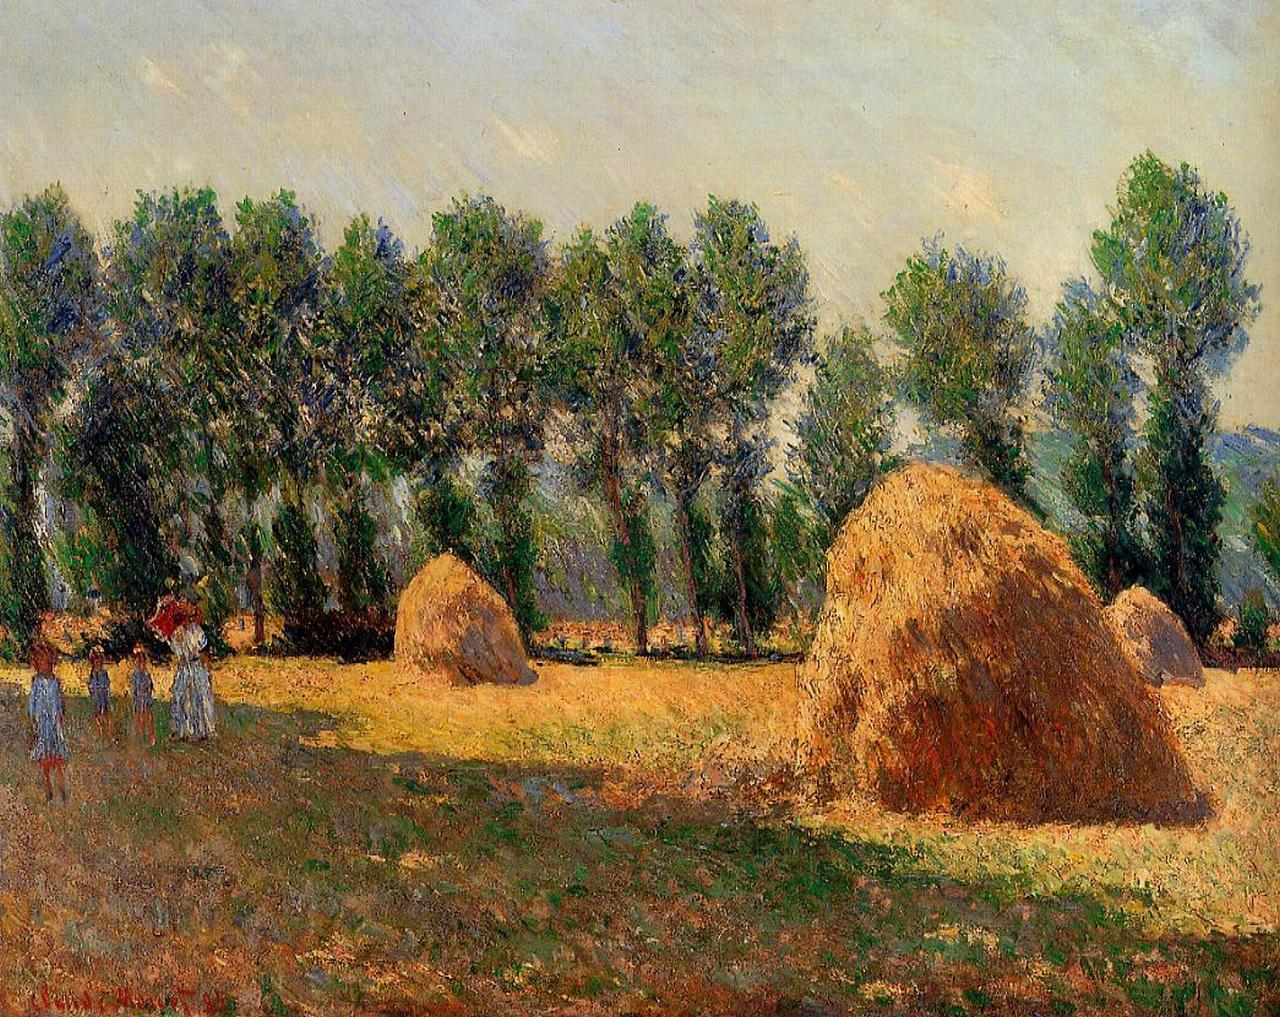 пейзаж < Стога сена в Живерни >:: Клод Моне, описание картины - Моне Клод (Claude Monet) фото